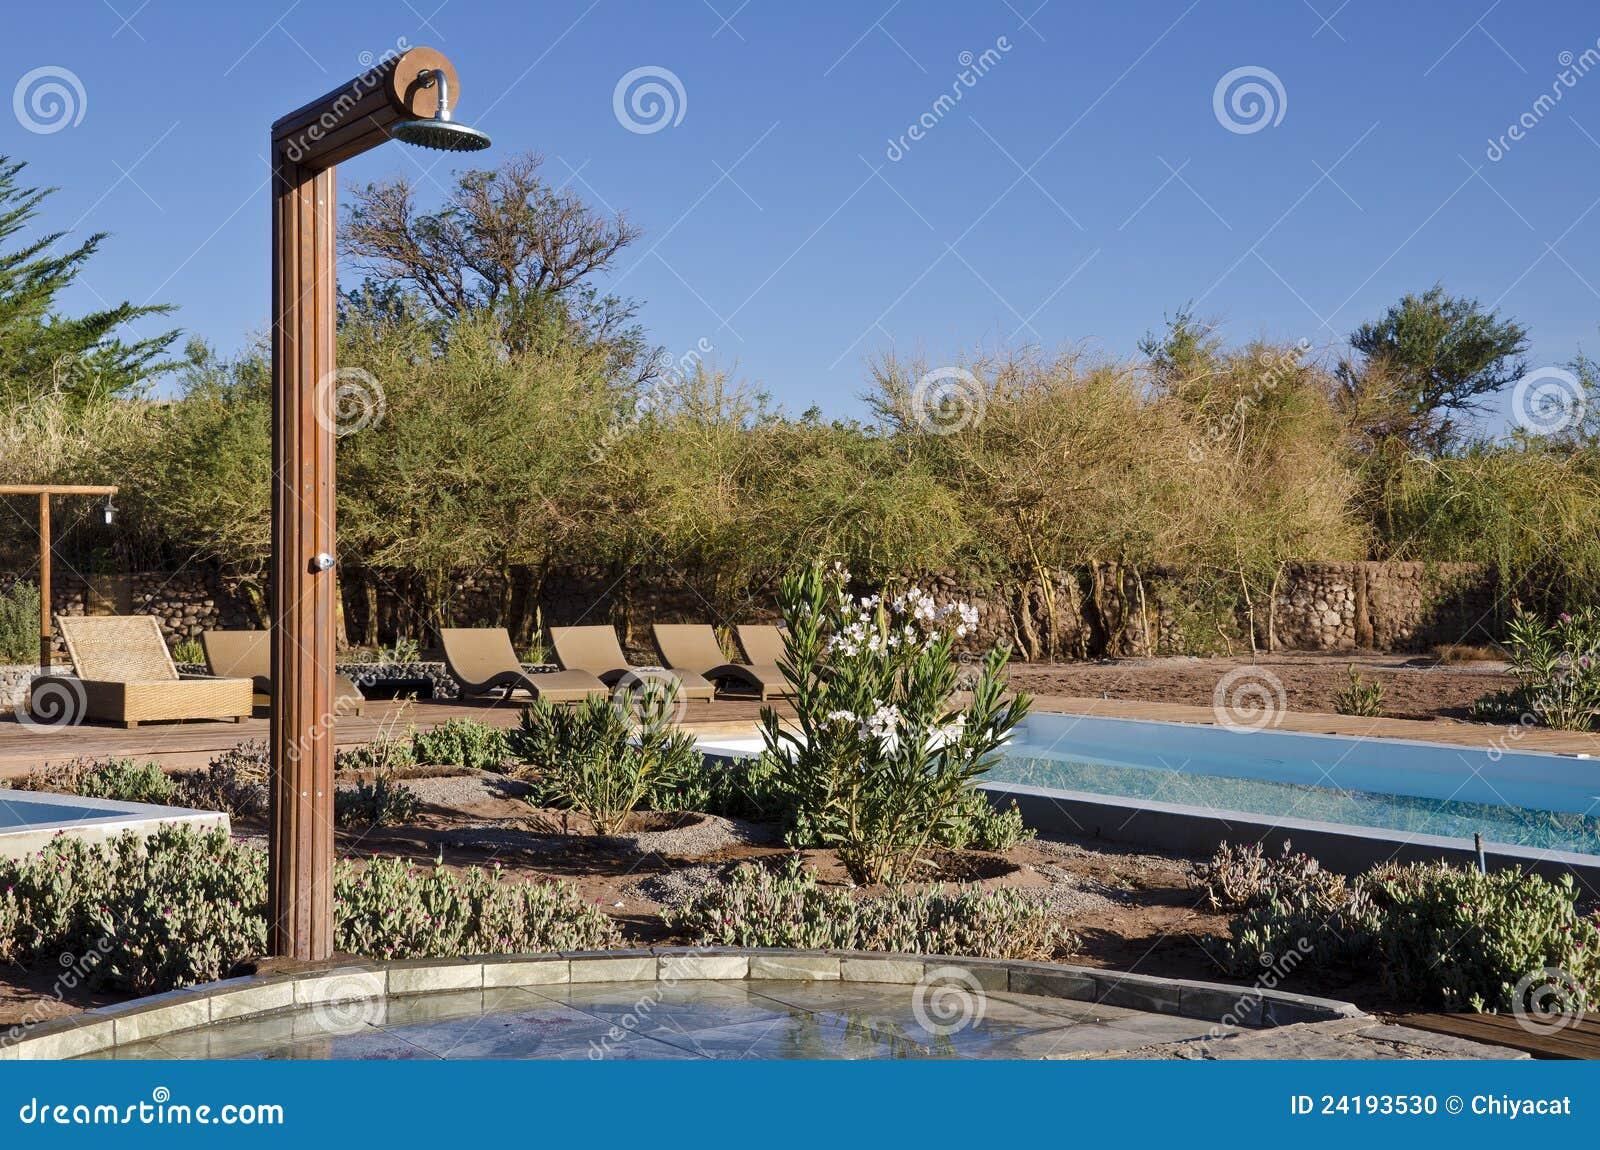 fotos jardim horizontal : fotos jardim horizontal:Chuveiro Ao Ar Livre Horizontal Foto de Stock – Imagem: 24193530